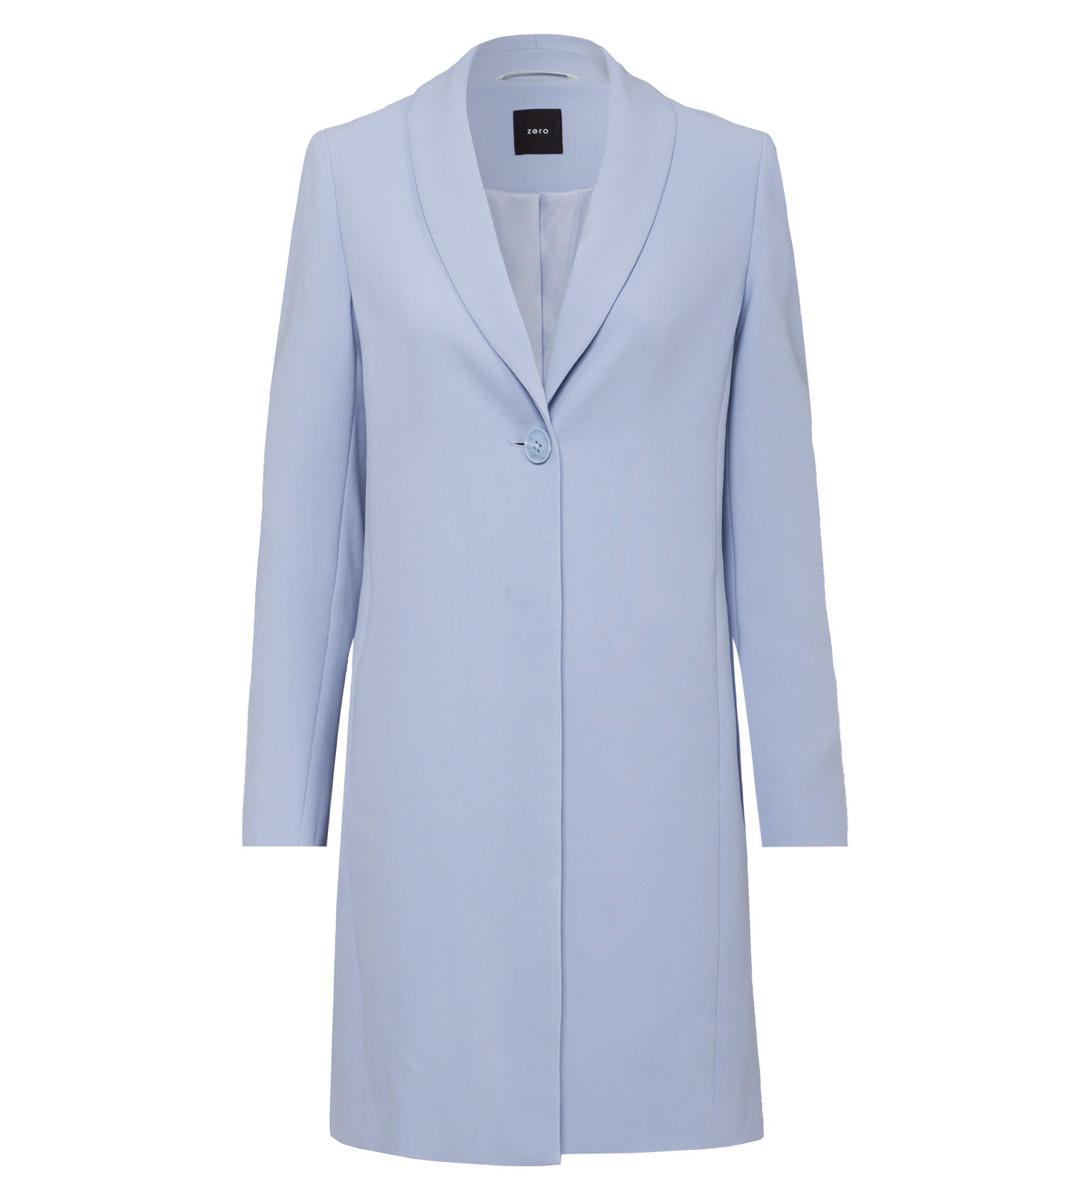 Mantel mit Schalkragen in arctic blue